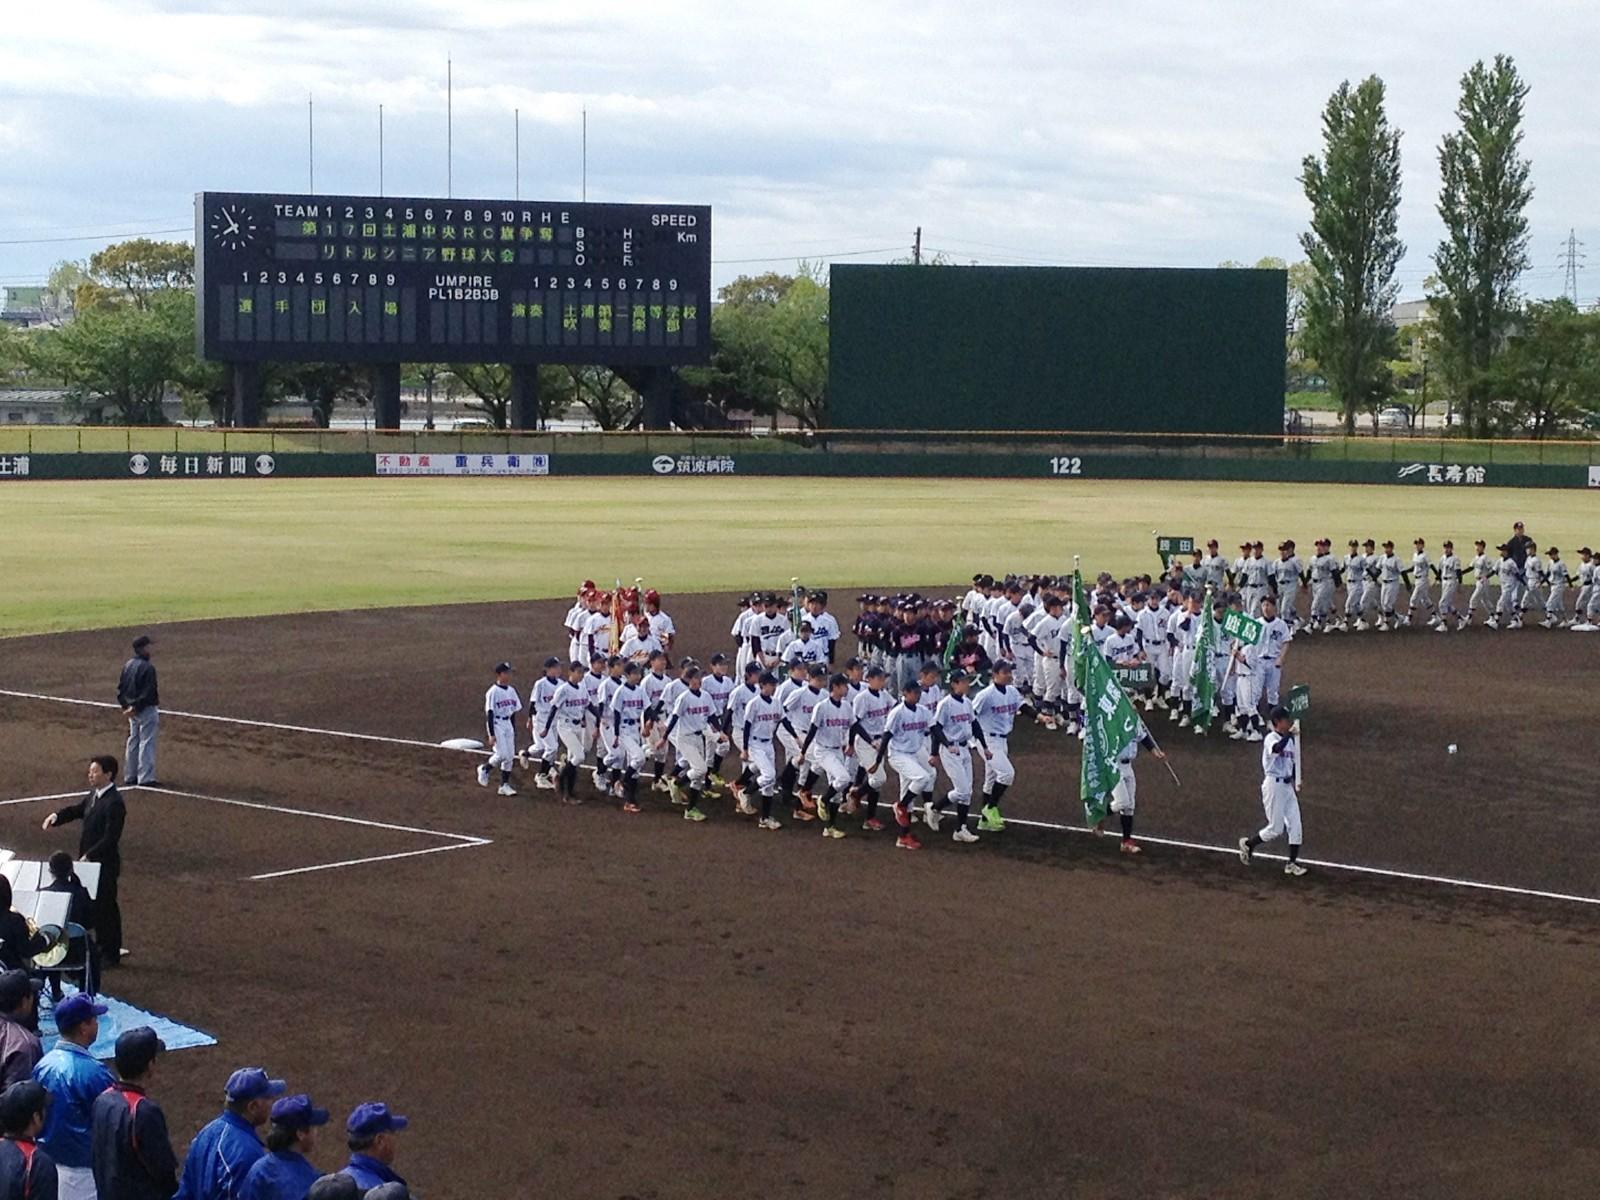 2013.05.03 土浦中央ロータリークラブ大会2013